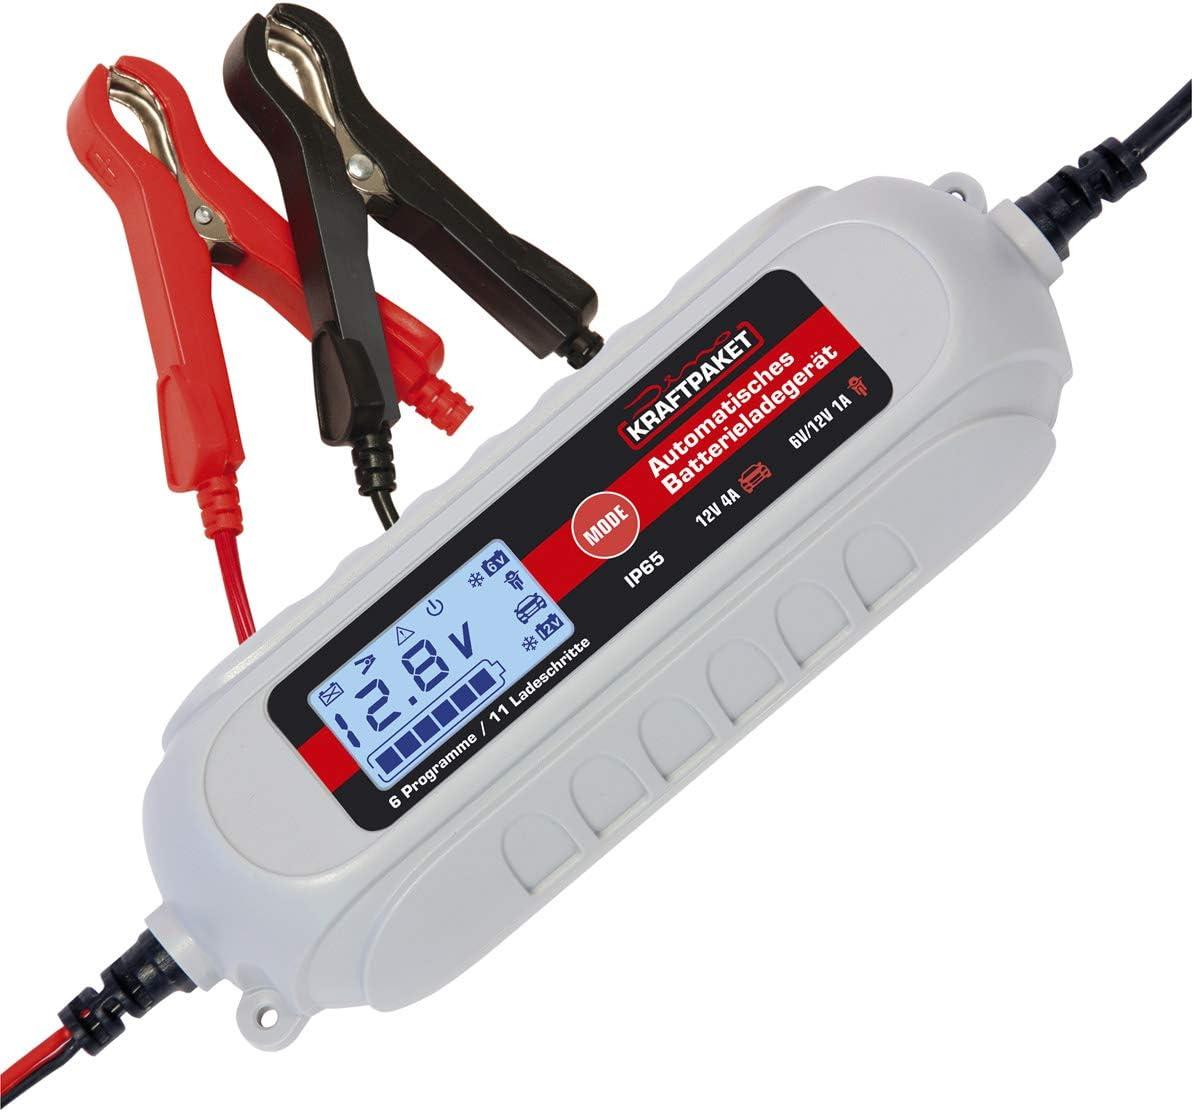 Dino Kraftpaket 136311 4a 6v 12v Batterieladegerät Mit Batterietester Ip65 Für Kfz Auto Motorrard Quad Atv Boot Auto